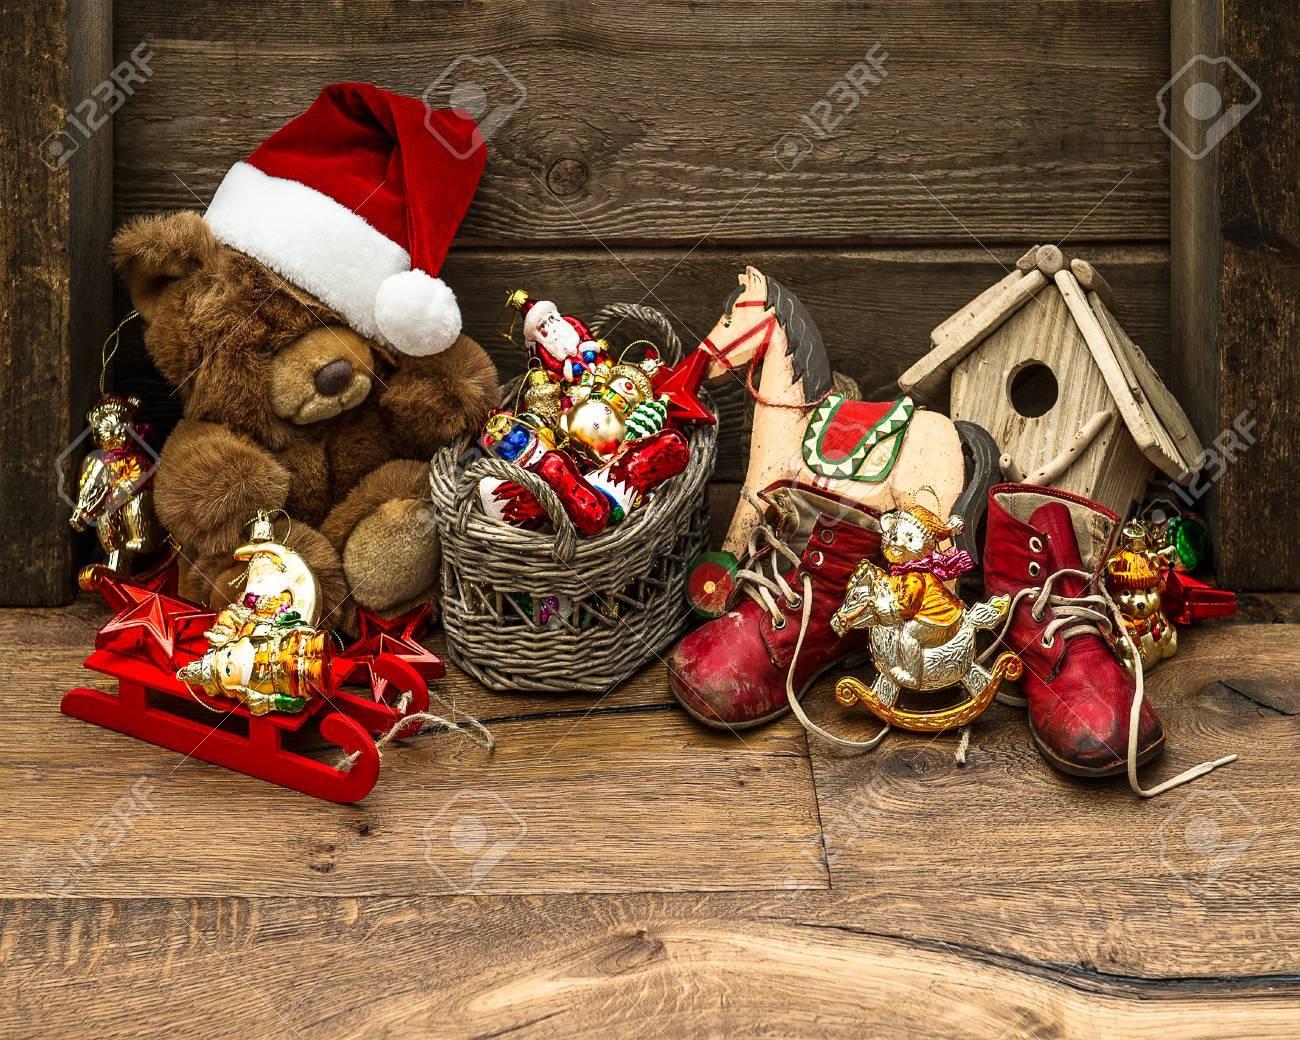 Antiche Immagini Di Natale.Immagini Stock Stile Retro Decorazioni Di Natale Con I Giocattoli Antichi Su Sfondo In Legno Vintage Immagine Nostalgica Image 31909706